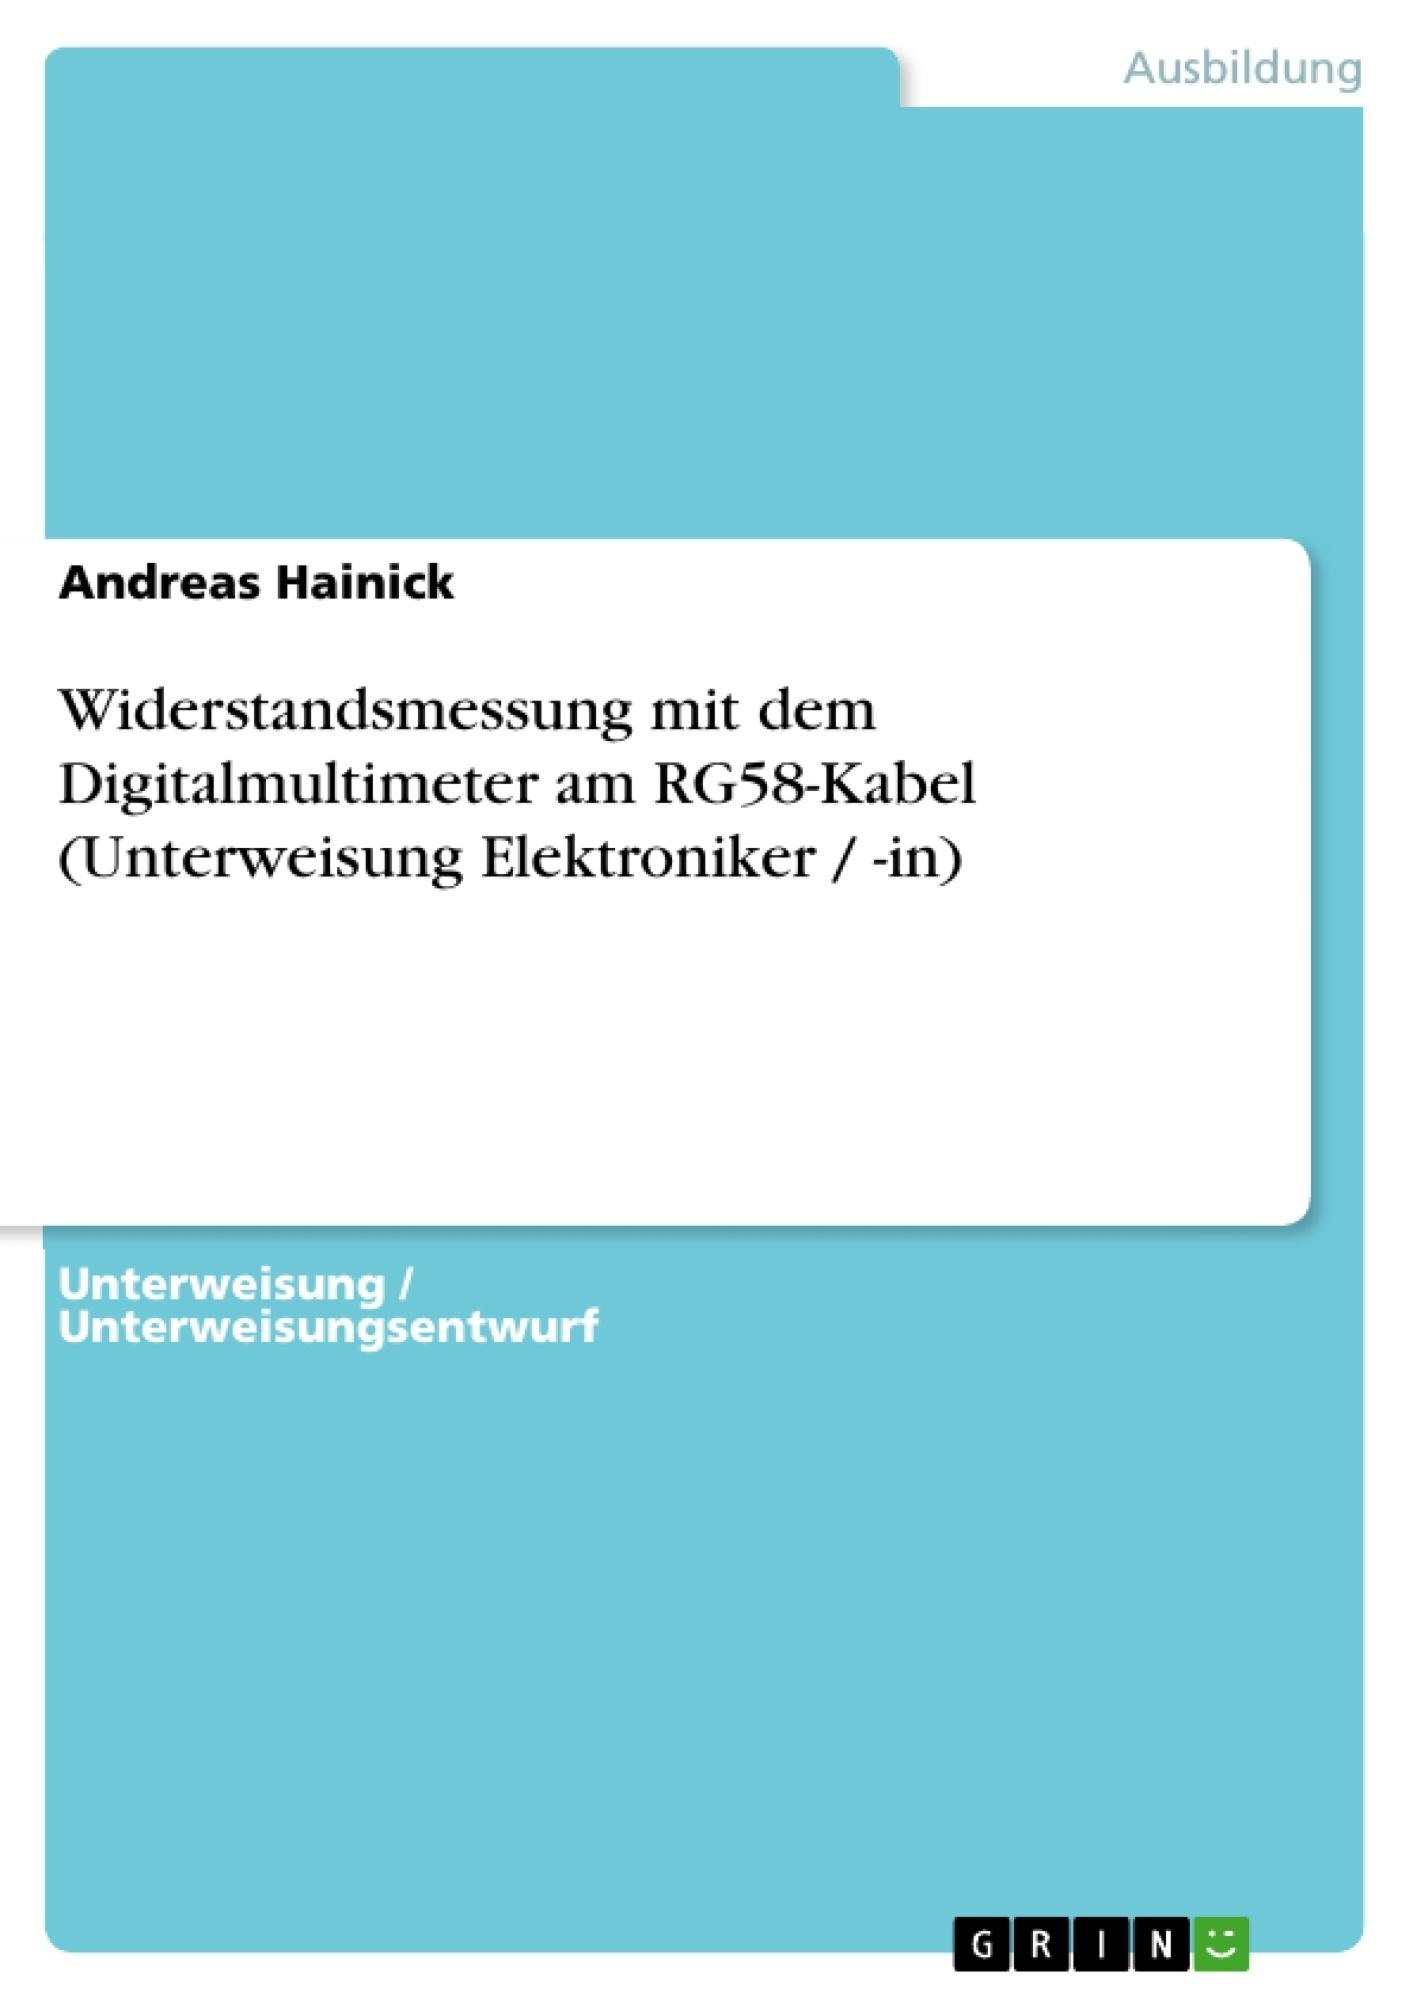 Titel: Widerstandsmessung mit dem Digitalmultimeter am RG58-Kabel (Unterweisung Elektroniker / -in)